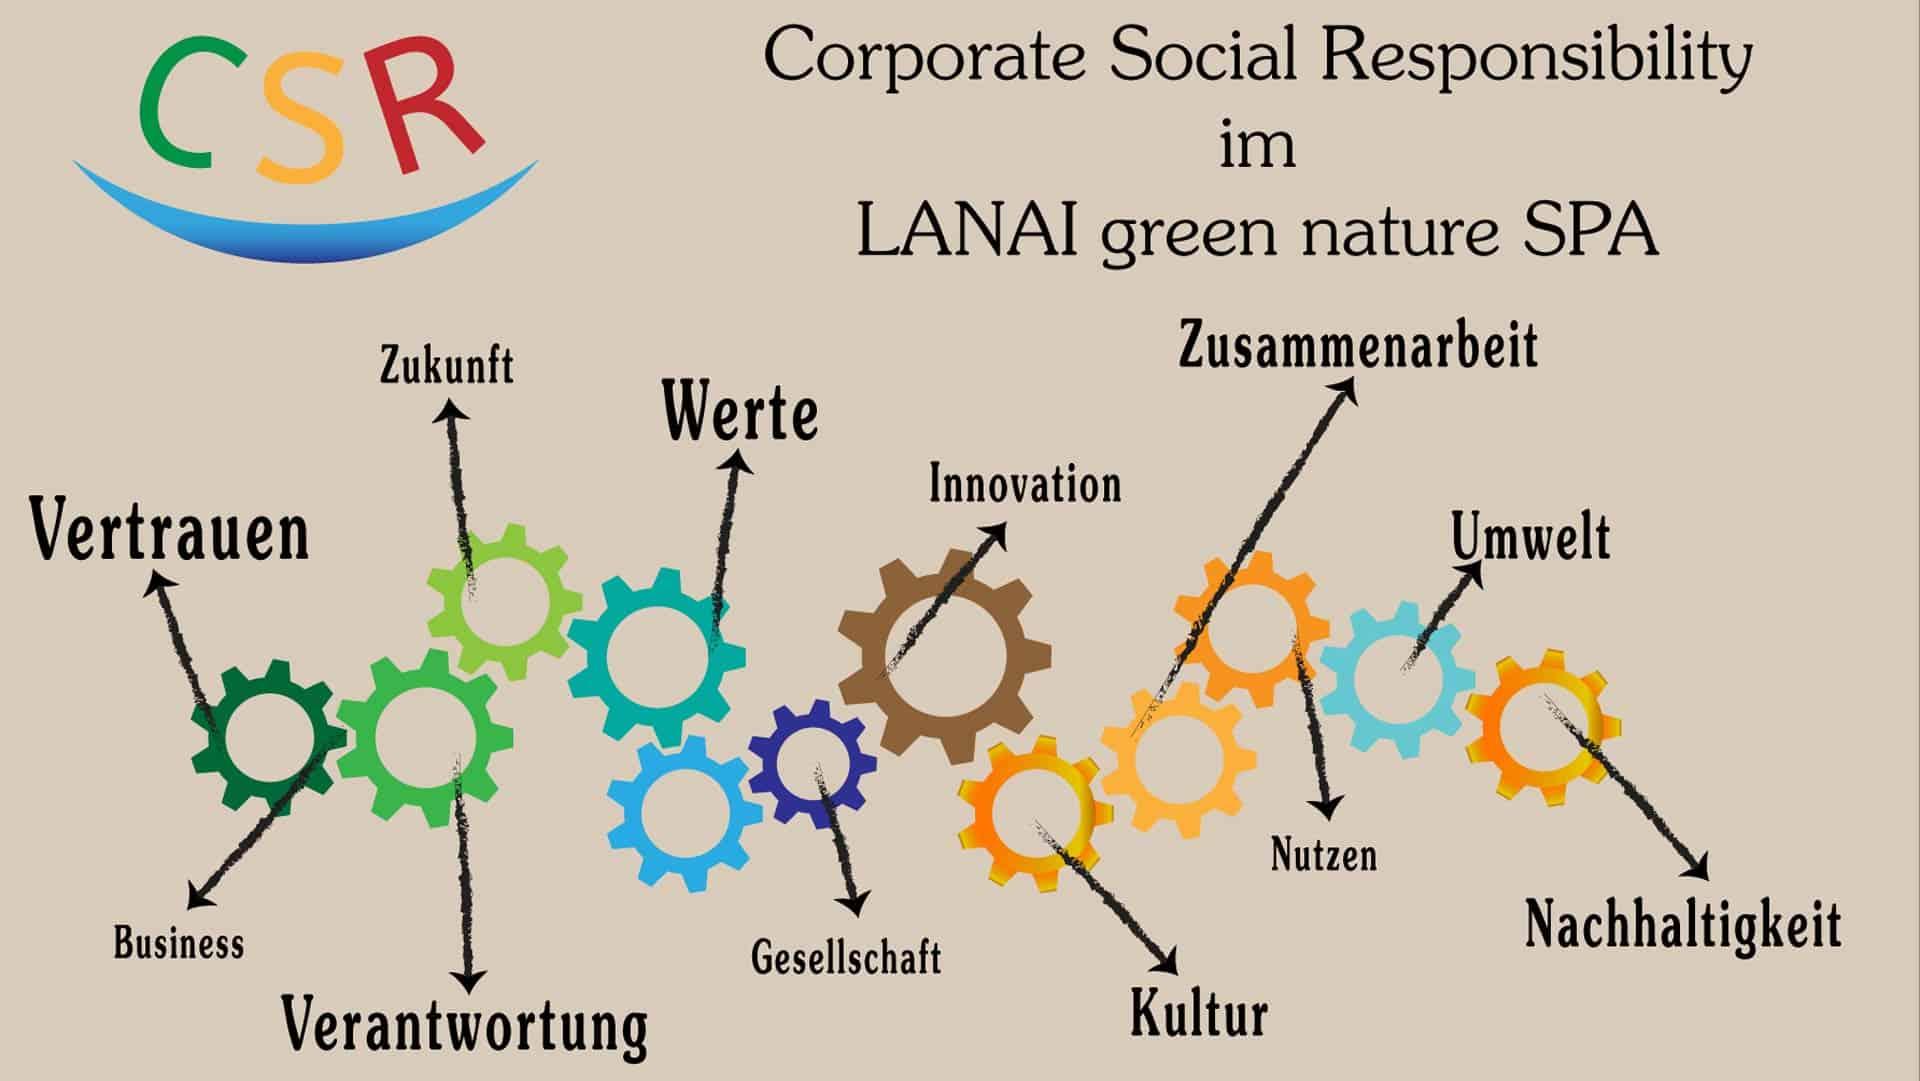 Leitbild Vision Zahnräder, die in sich greifen mit Beschriftung der Überschiften unseres Leitbildes und dem CSR Logo .